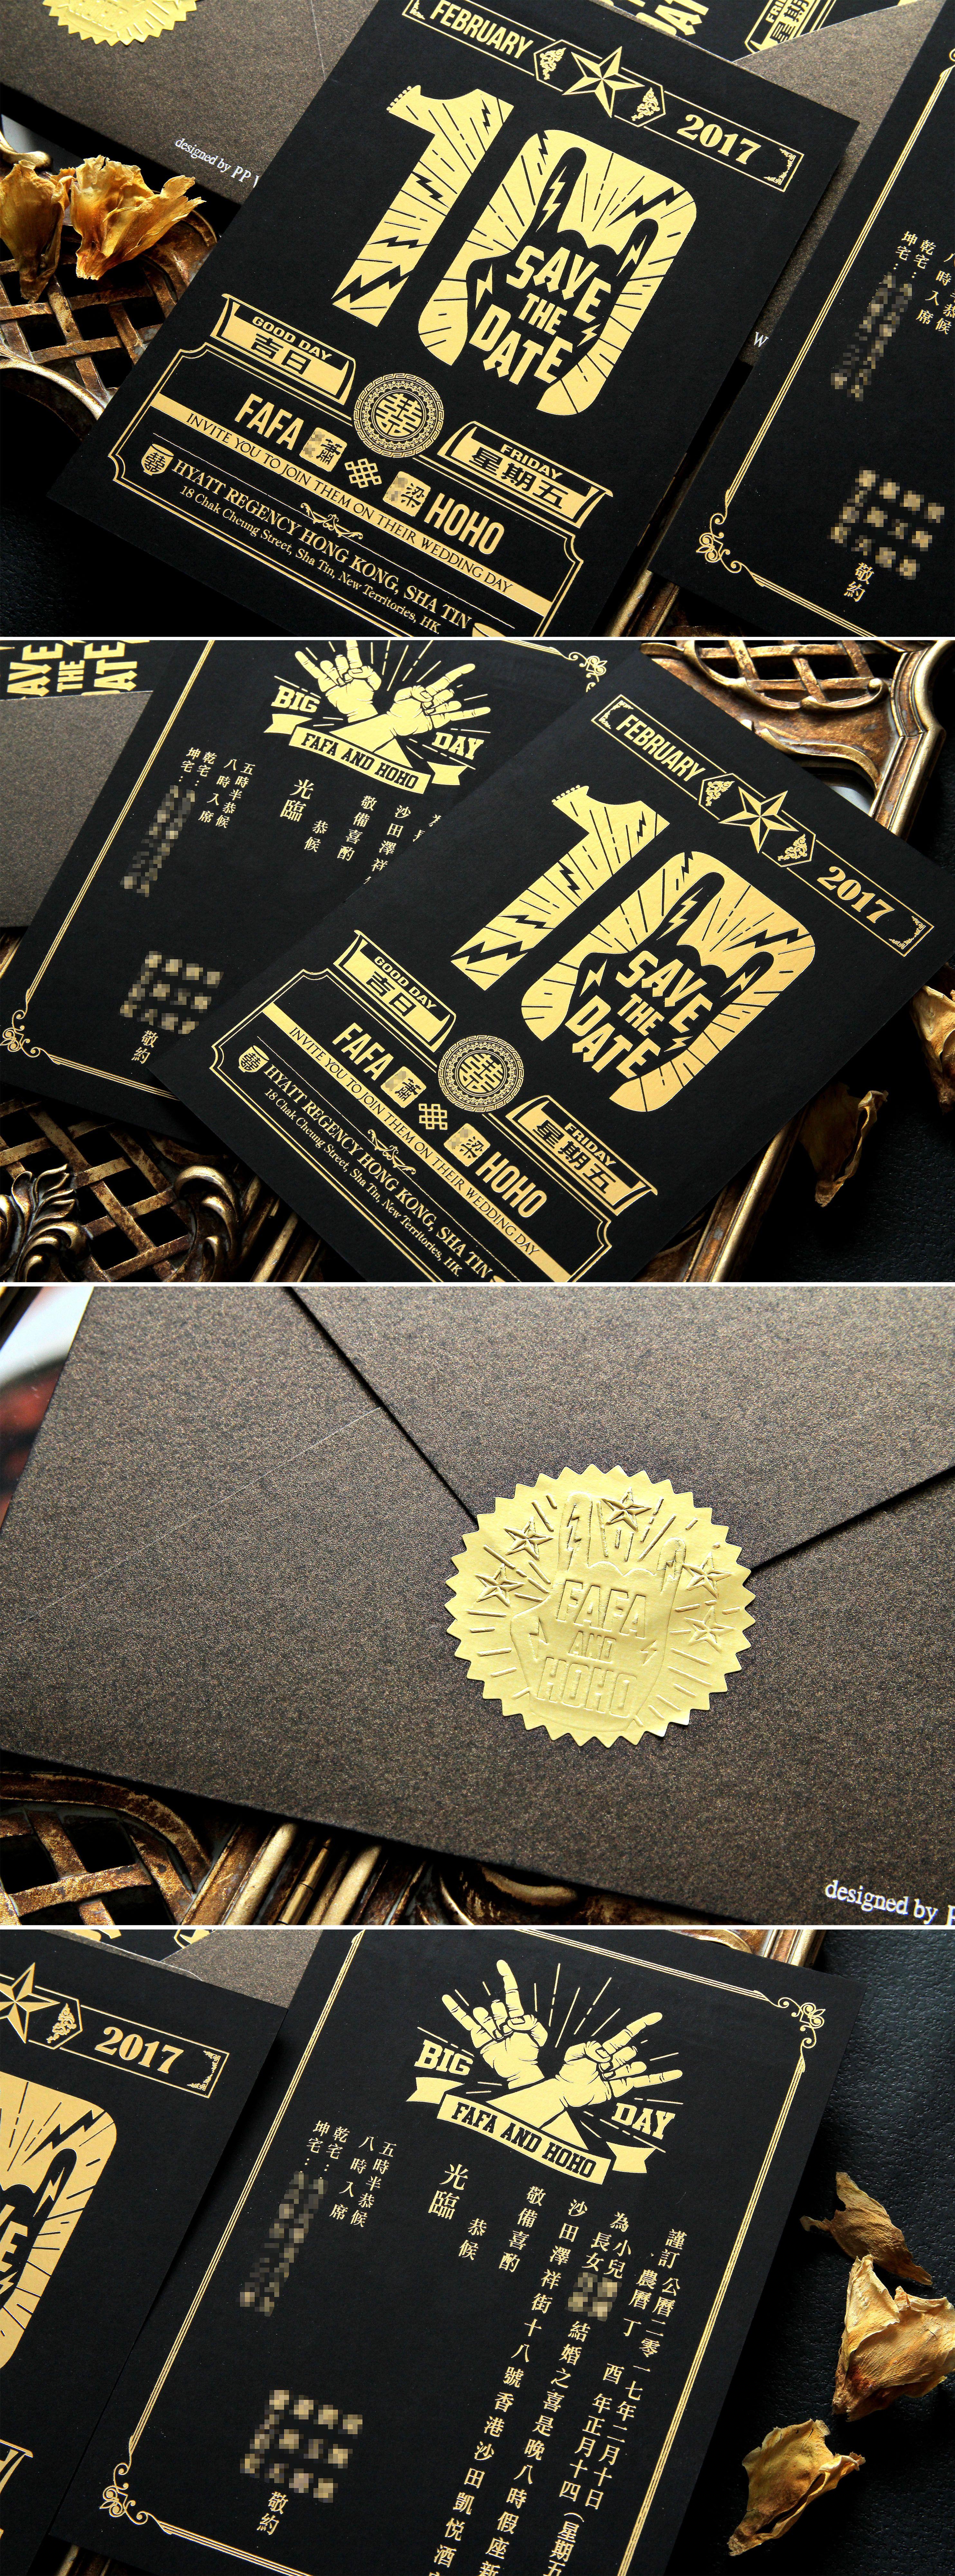 wedding card invitation cards online%0A Rock  u     Roll Wedding Invitation Card               wedding  weddingcard  invitation